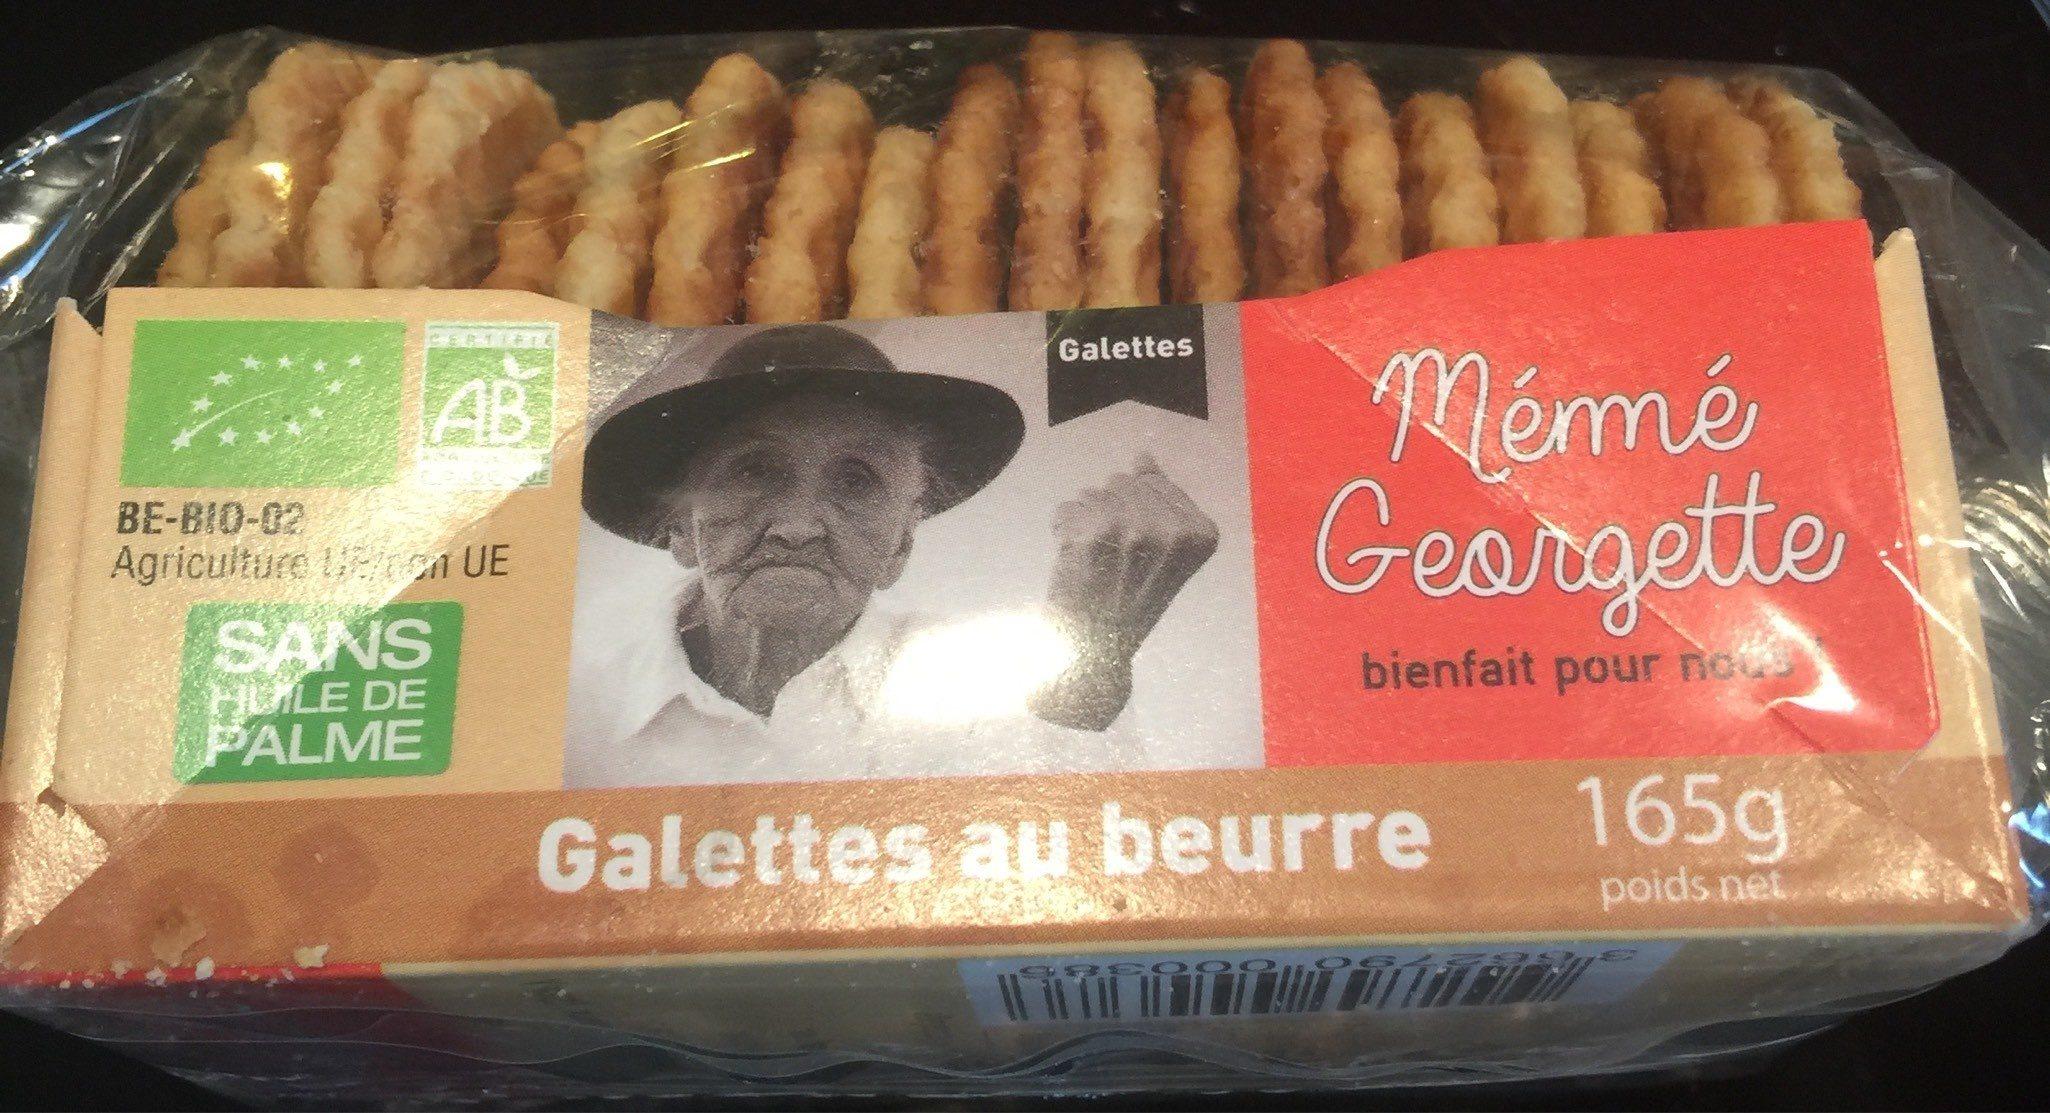 Galettes au Beurre - Product - fr